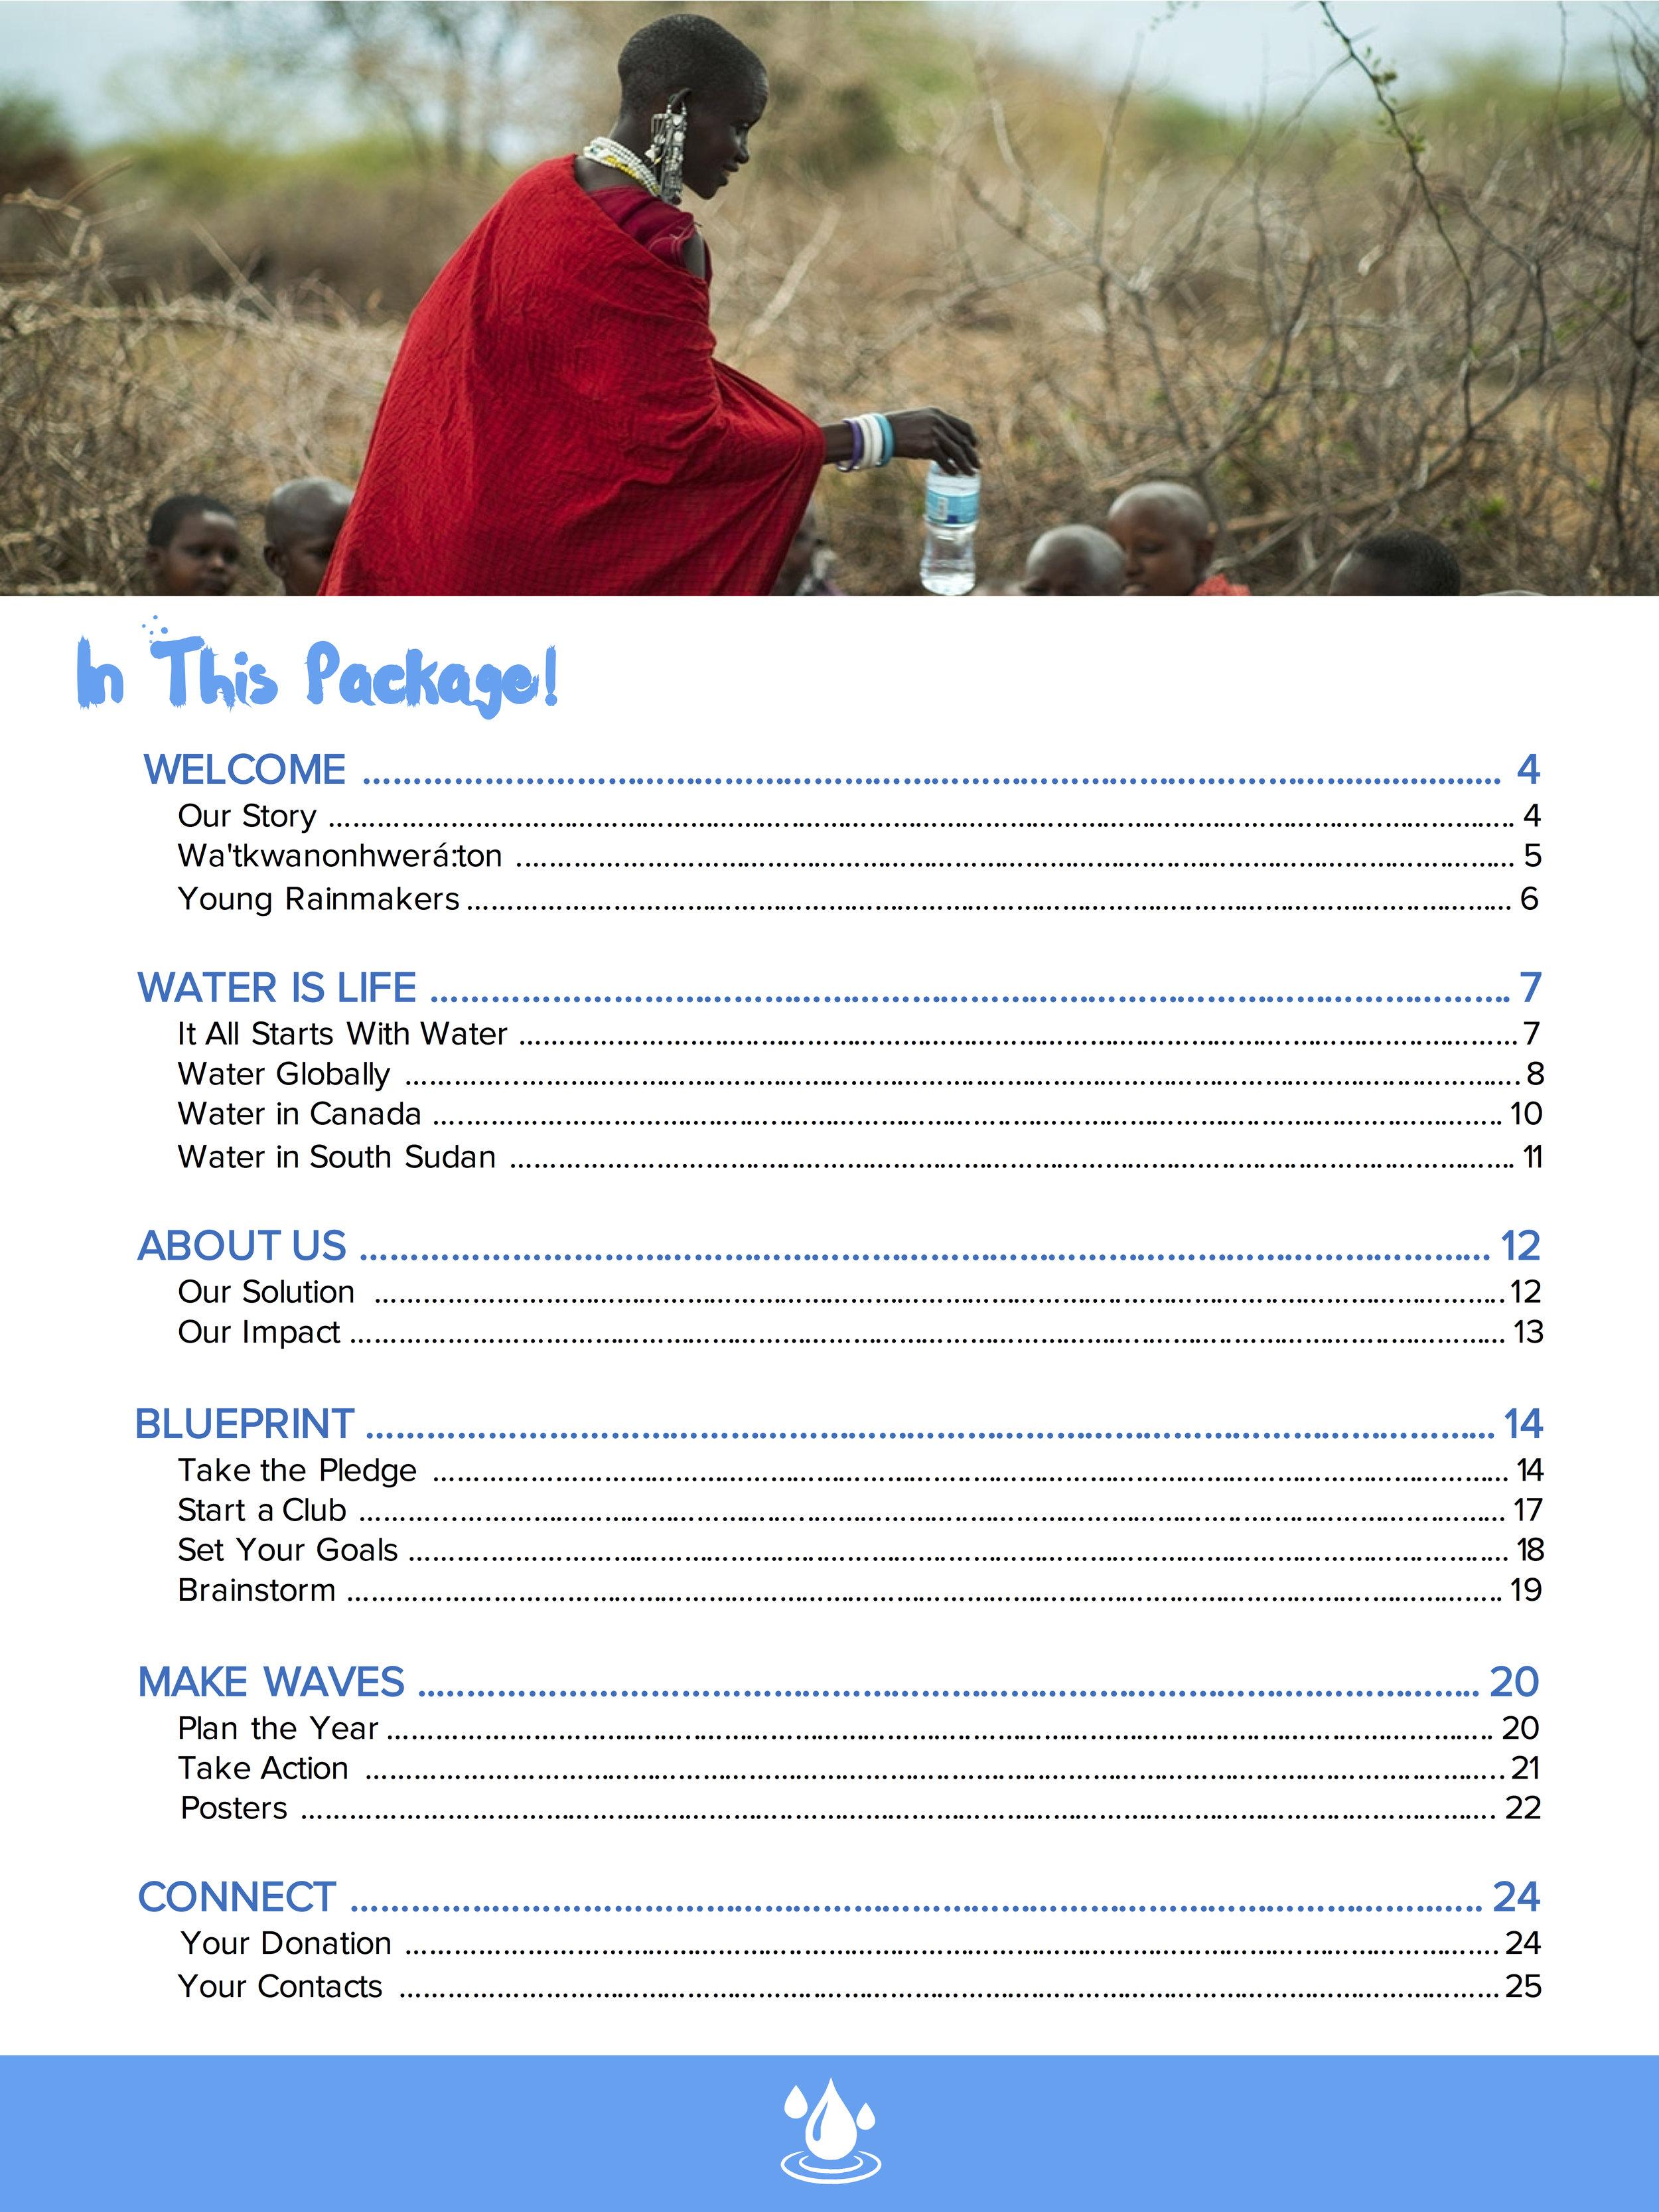 School Resource Package 5.jpg